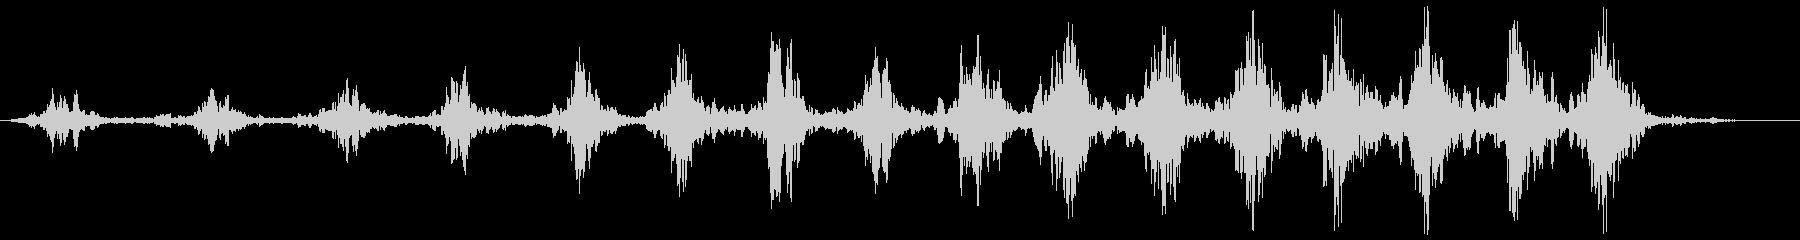 ローワーリングスワッシュ、フォリーの未再生の波形